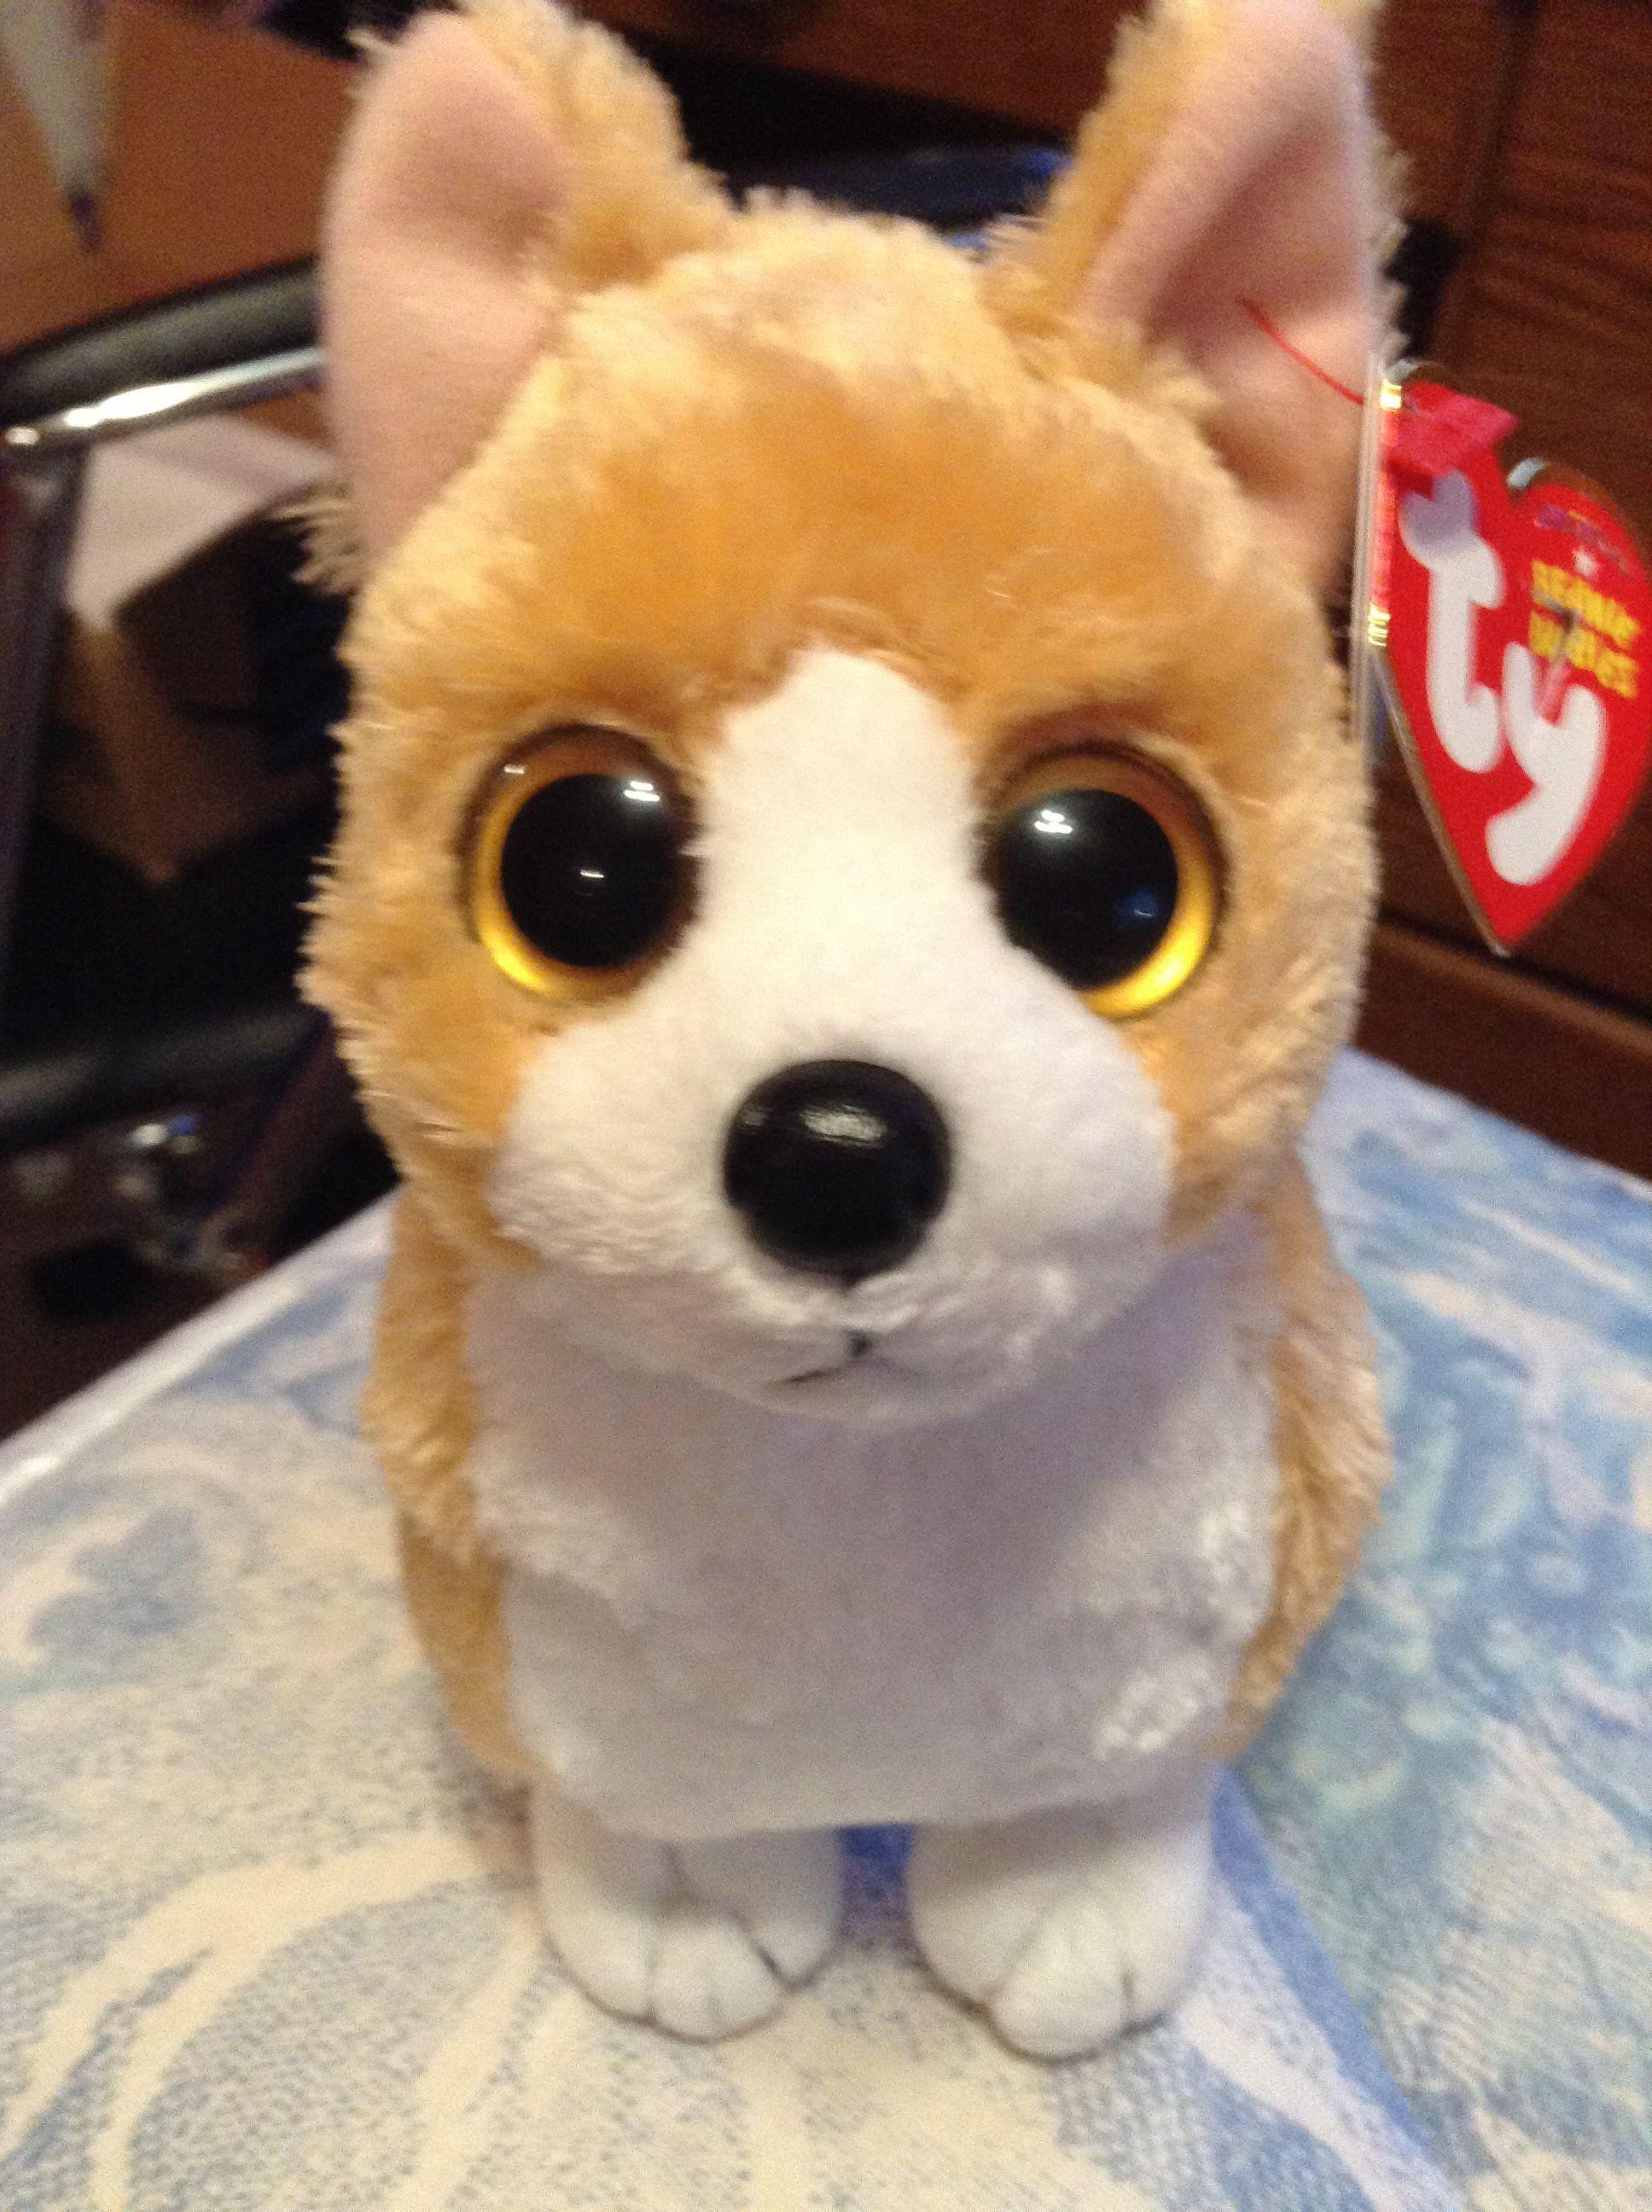 Beanie boo corgi cute beanies beanie boos corgi stuffed animals plushies  nacho beanie boos jpg 1936x2592 5e017db2886